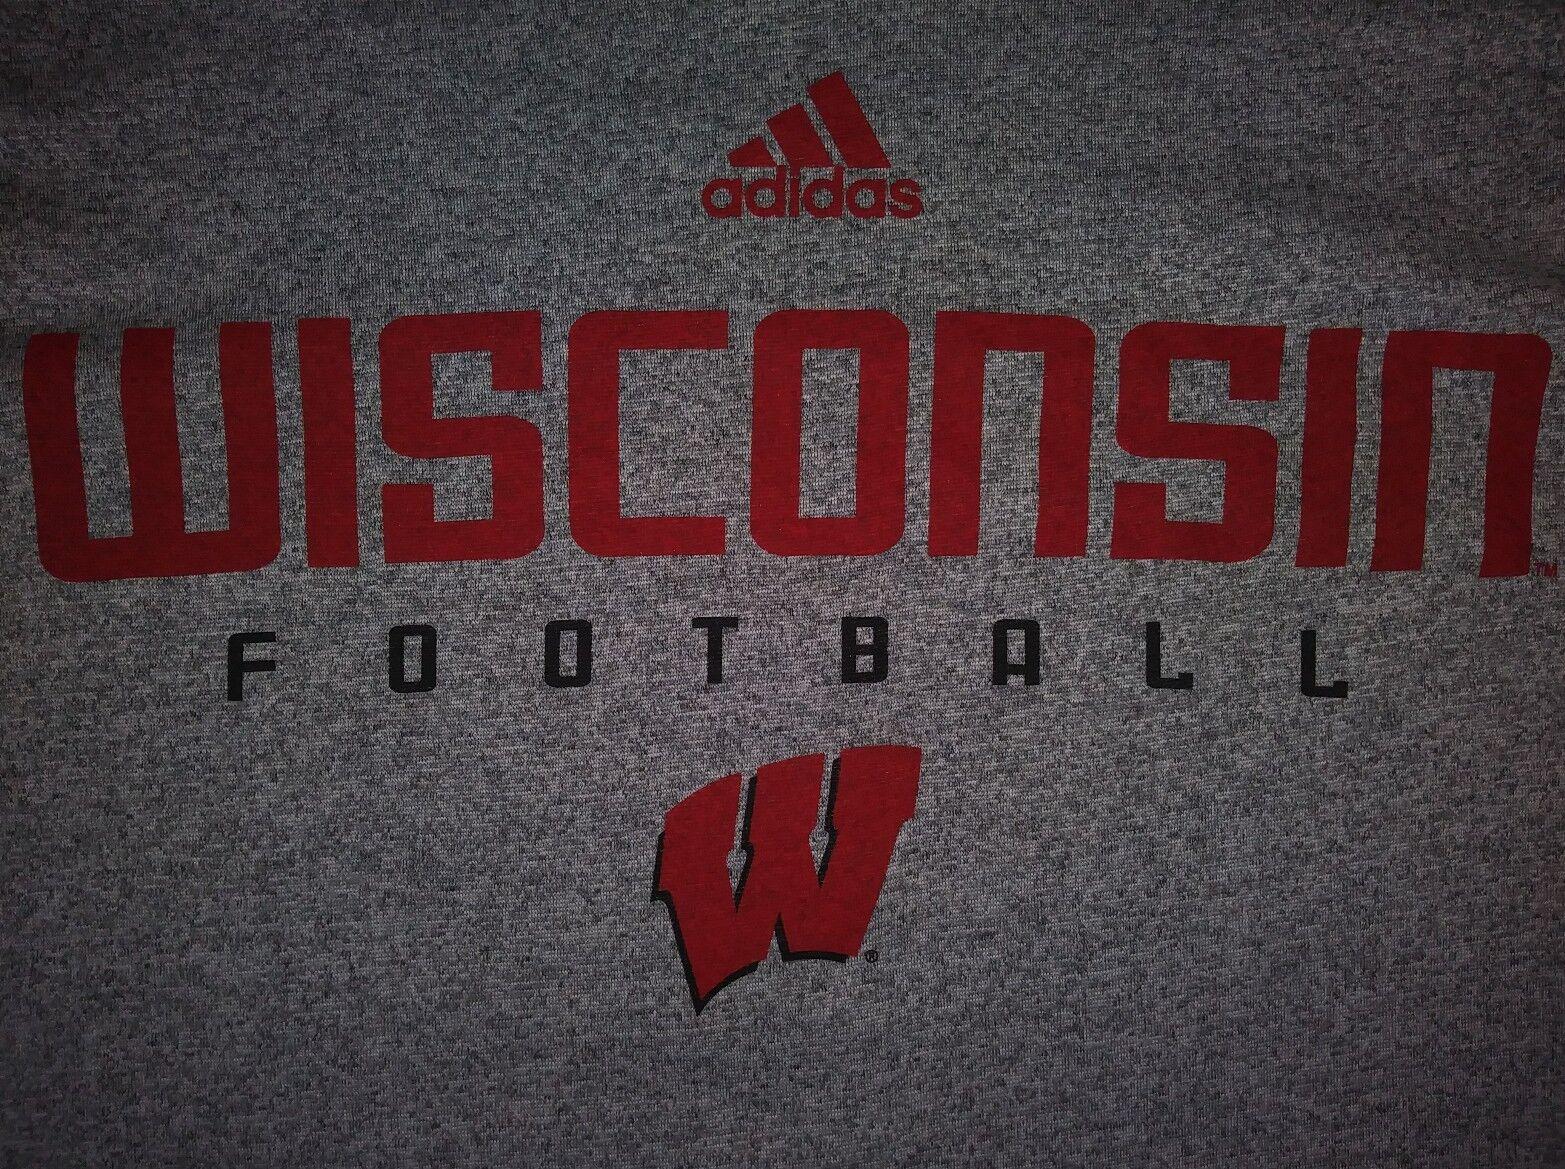 Wisconsin Badgers Adidas Climalite Performance Graues Hemd Herren M Medium NEU NWOT